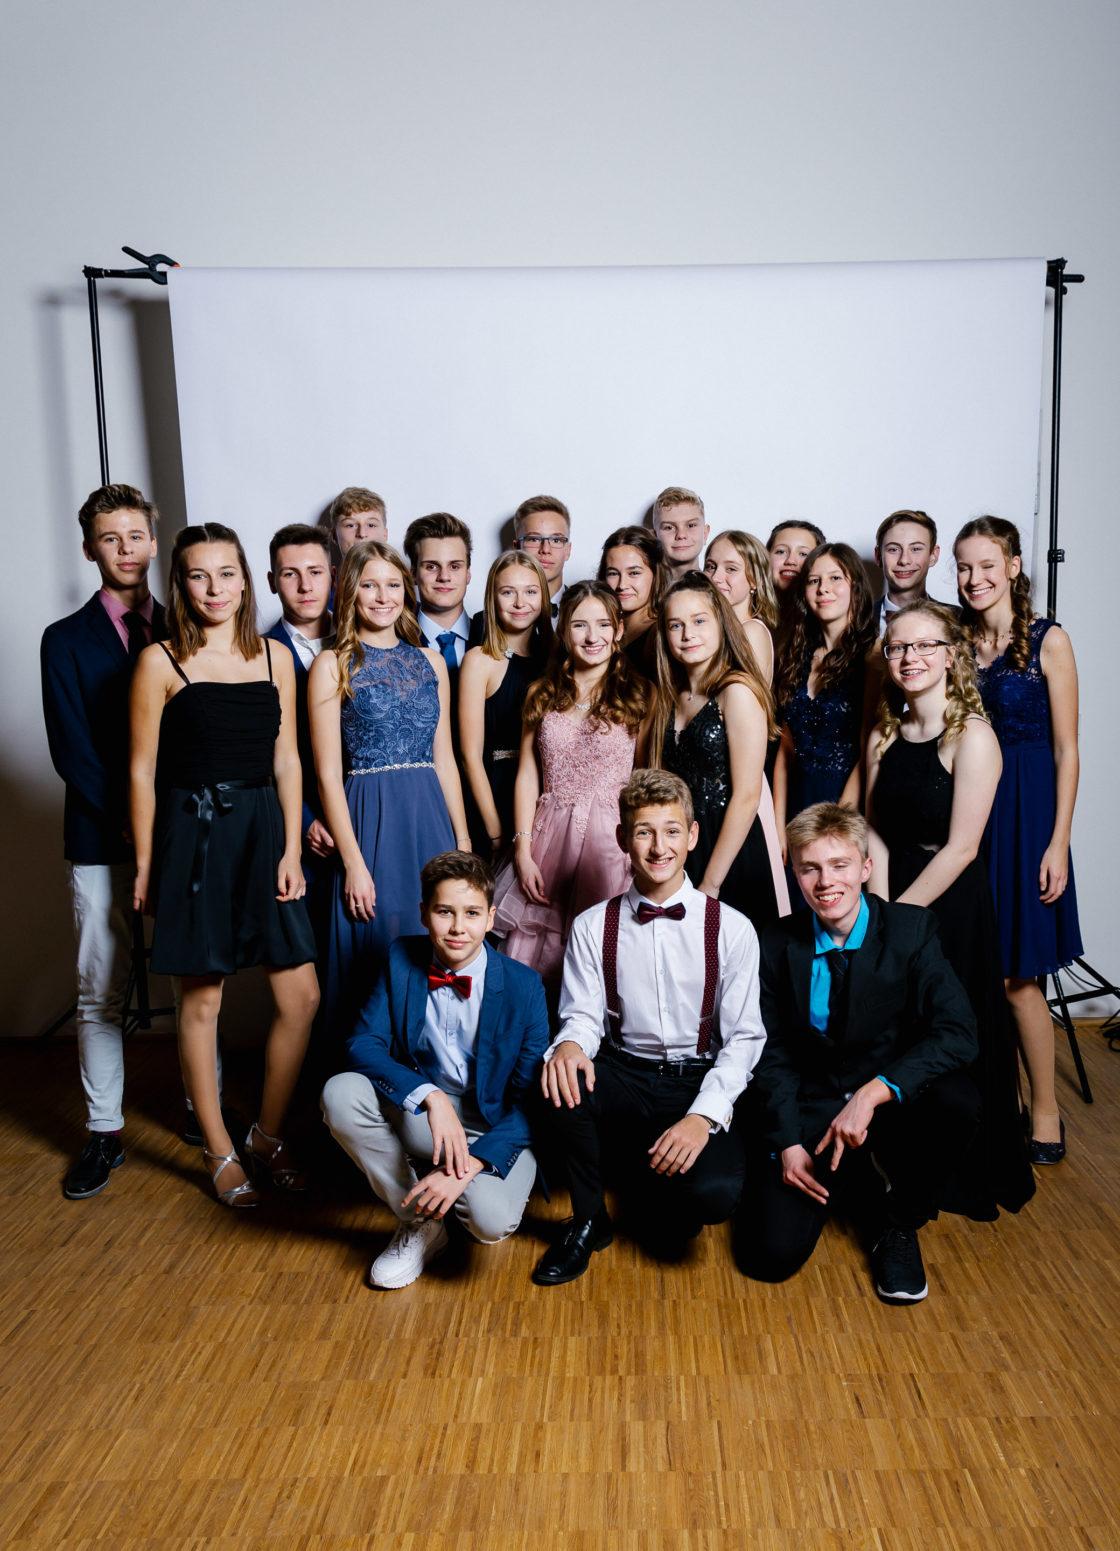 50mmfreunde tanzschule führbar Tanzball Portraits 20191116 006 1120x1551 - 50mmfreunde_tanzschule_führbar_Tanzball_Portraits_20191116_006